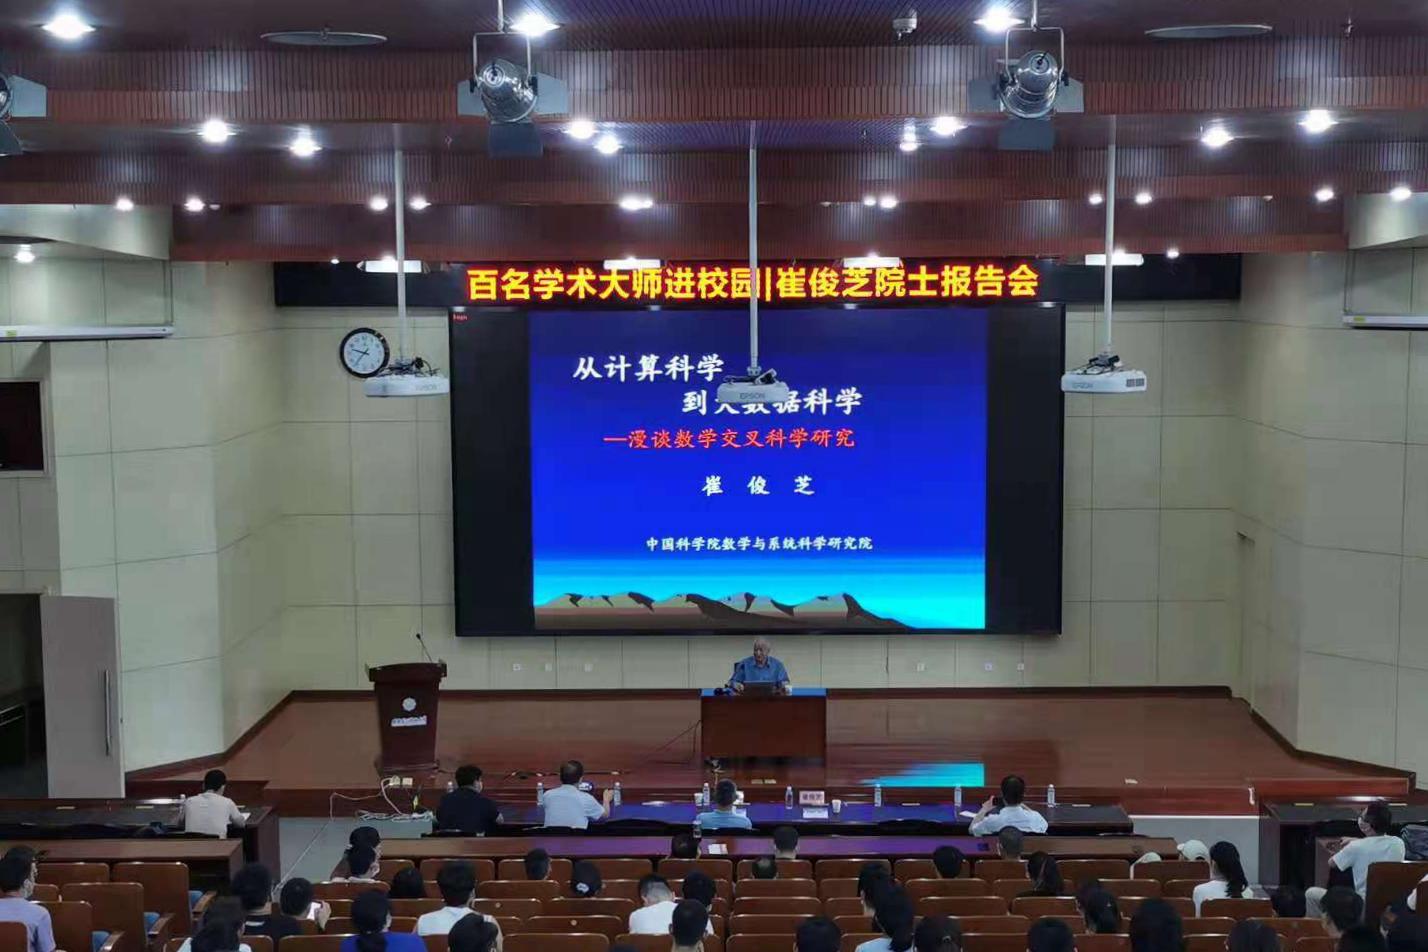 【西电90年·百名学术大师进校园】中国工程院院士崔俊芝来访西电并作报告